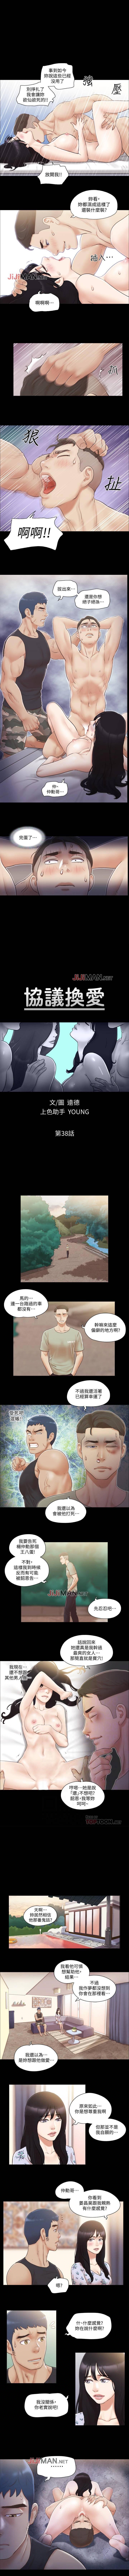 【周五连载】协议换爱(作者:遠德) 第1~57话 158